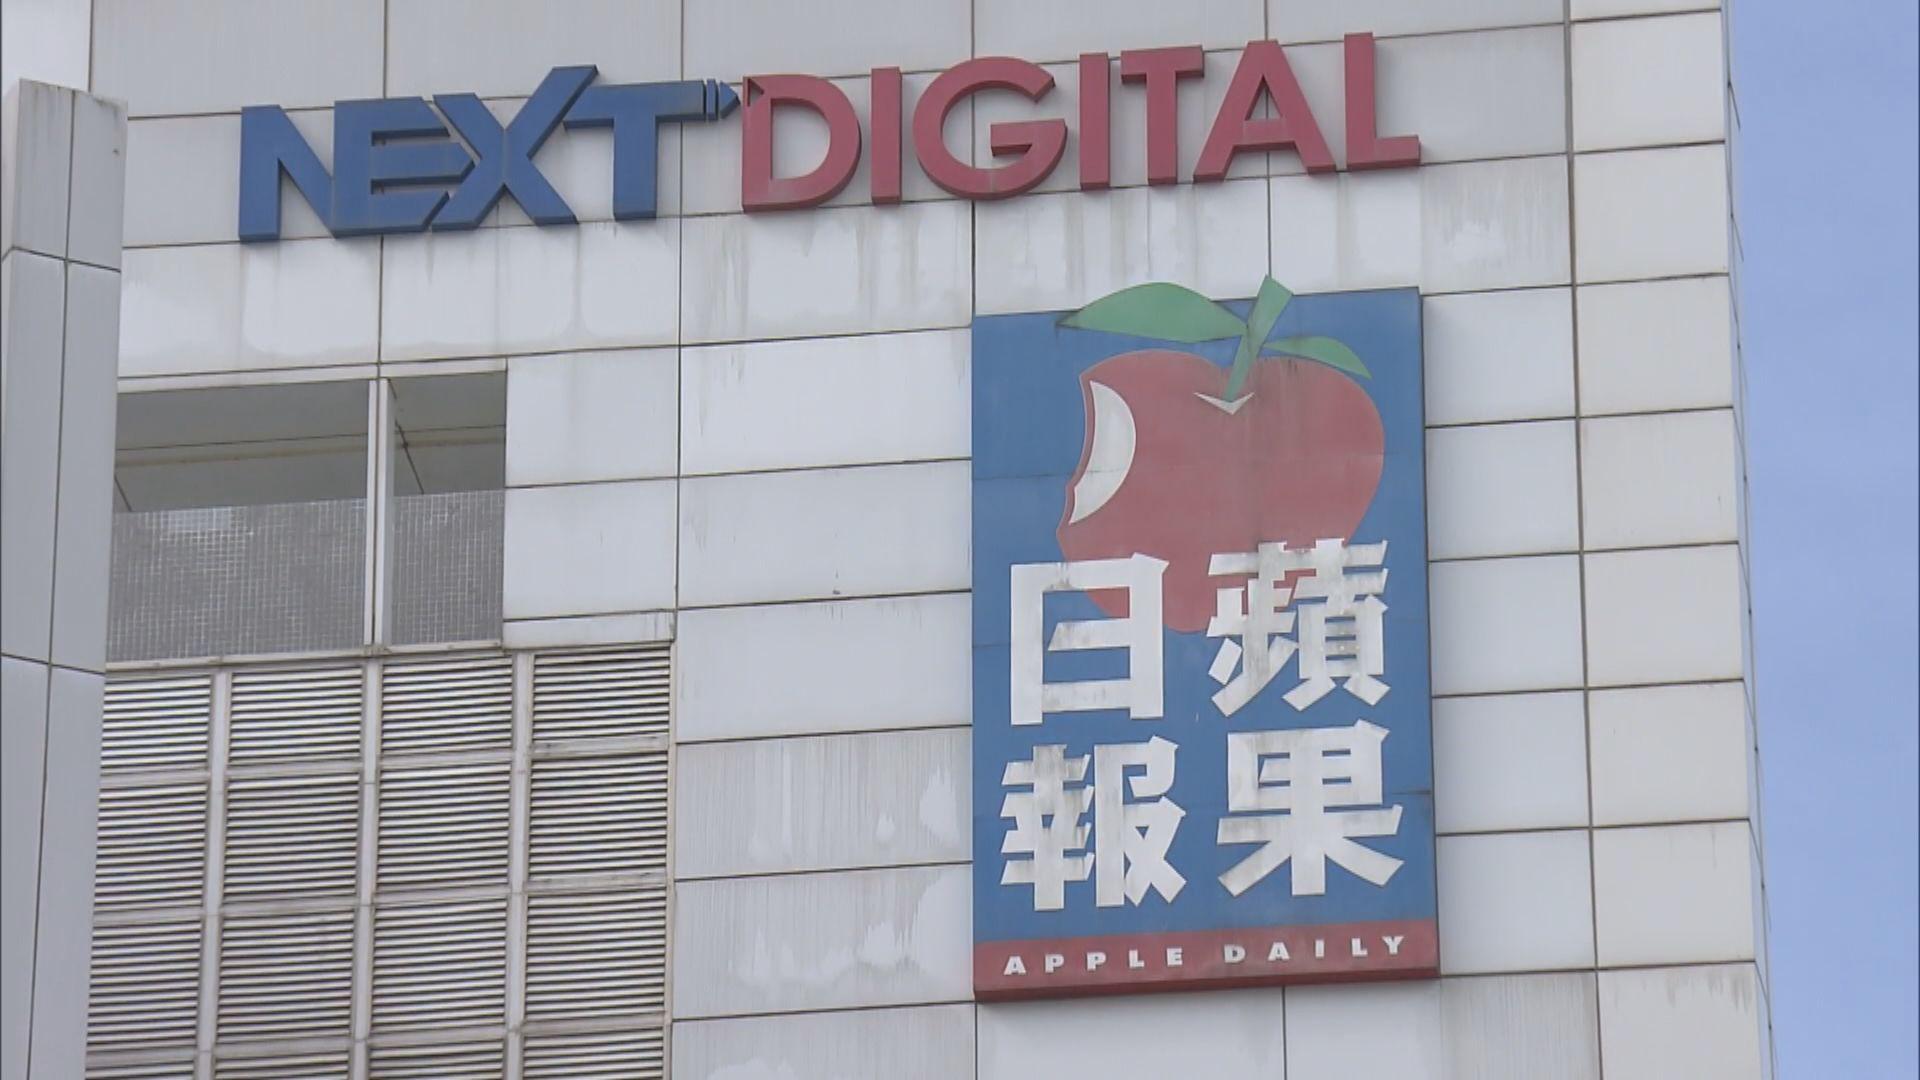 壹傳媒向員工發通告 指明日起停運